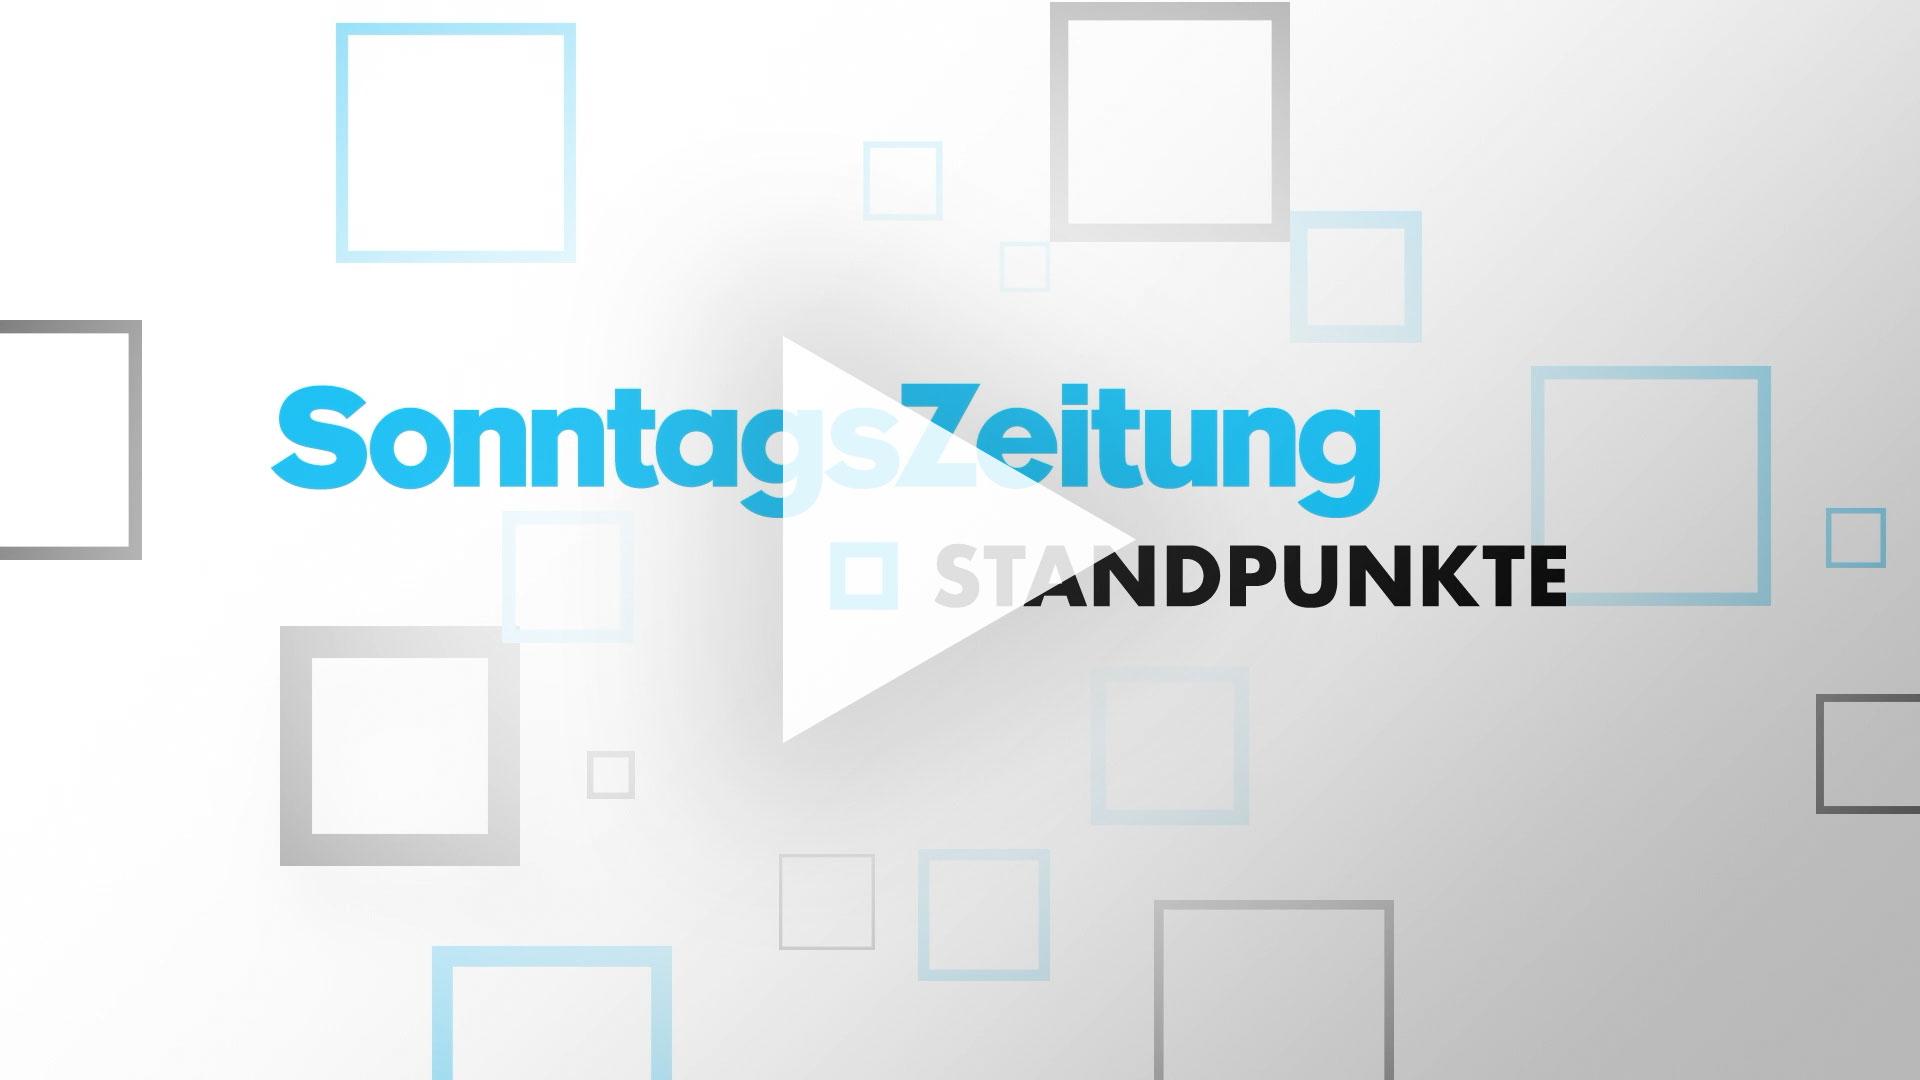 Pfeil-Thumbnail_SonntagsZeitung-Standpunkte